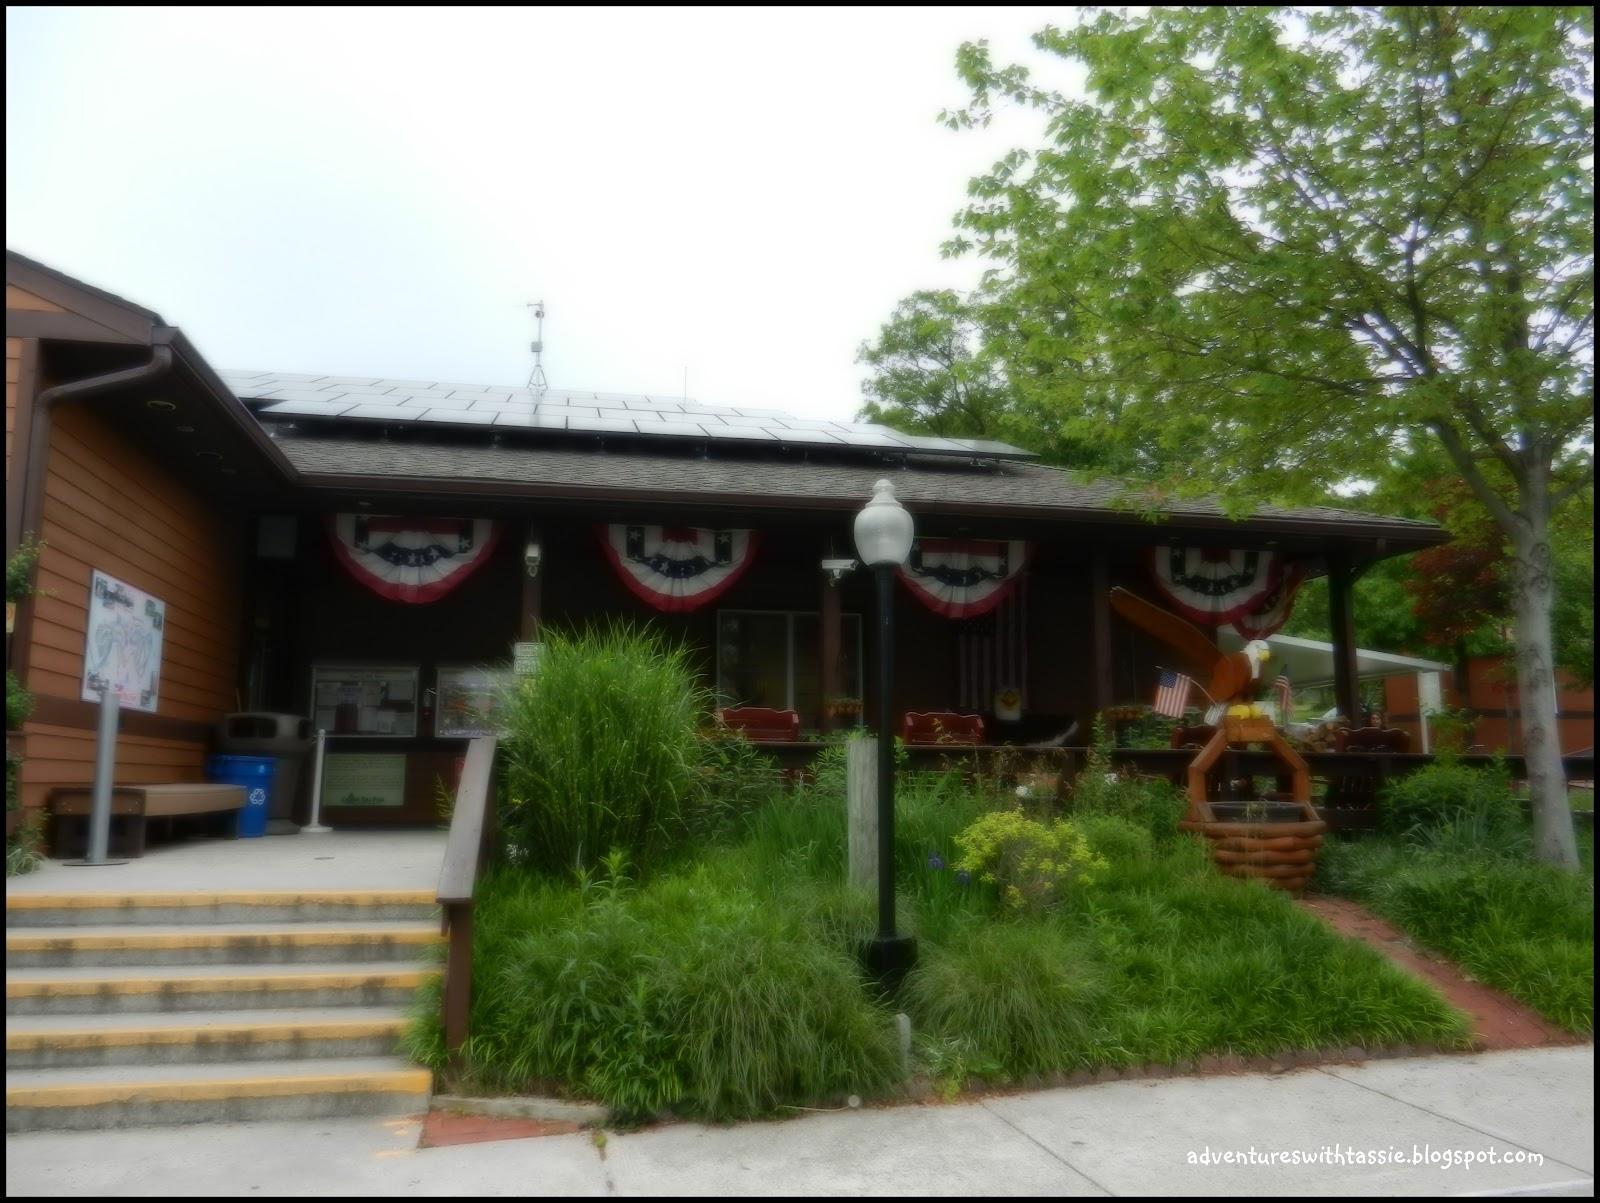 Tassie S Campground Reviews Cherry Hill Rv Park College